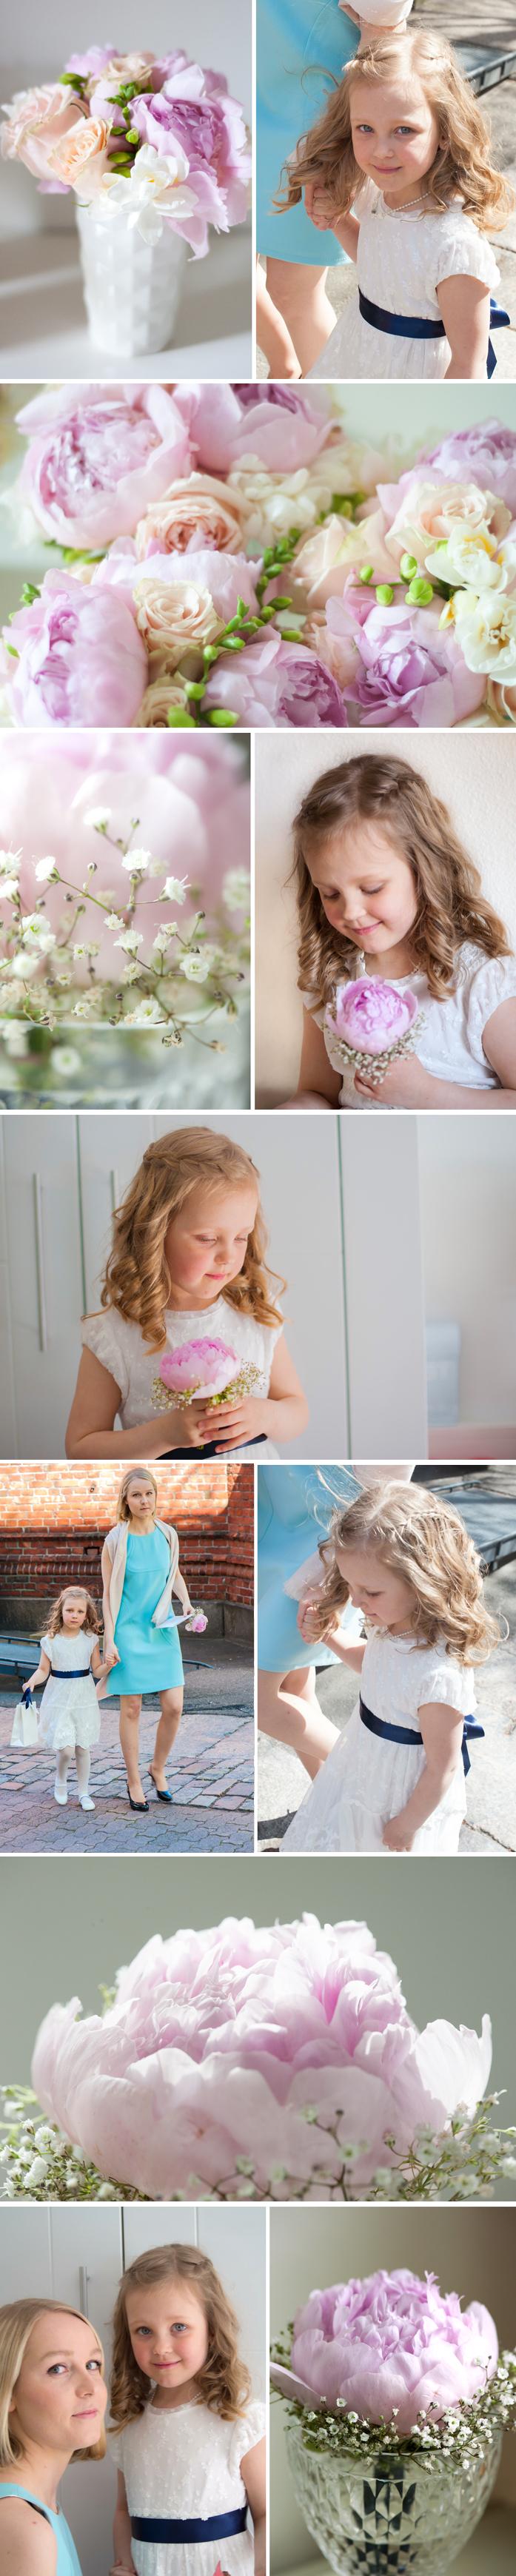 bröllop_edited-1